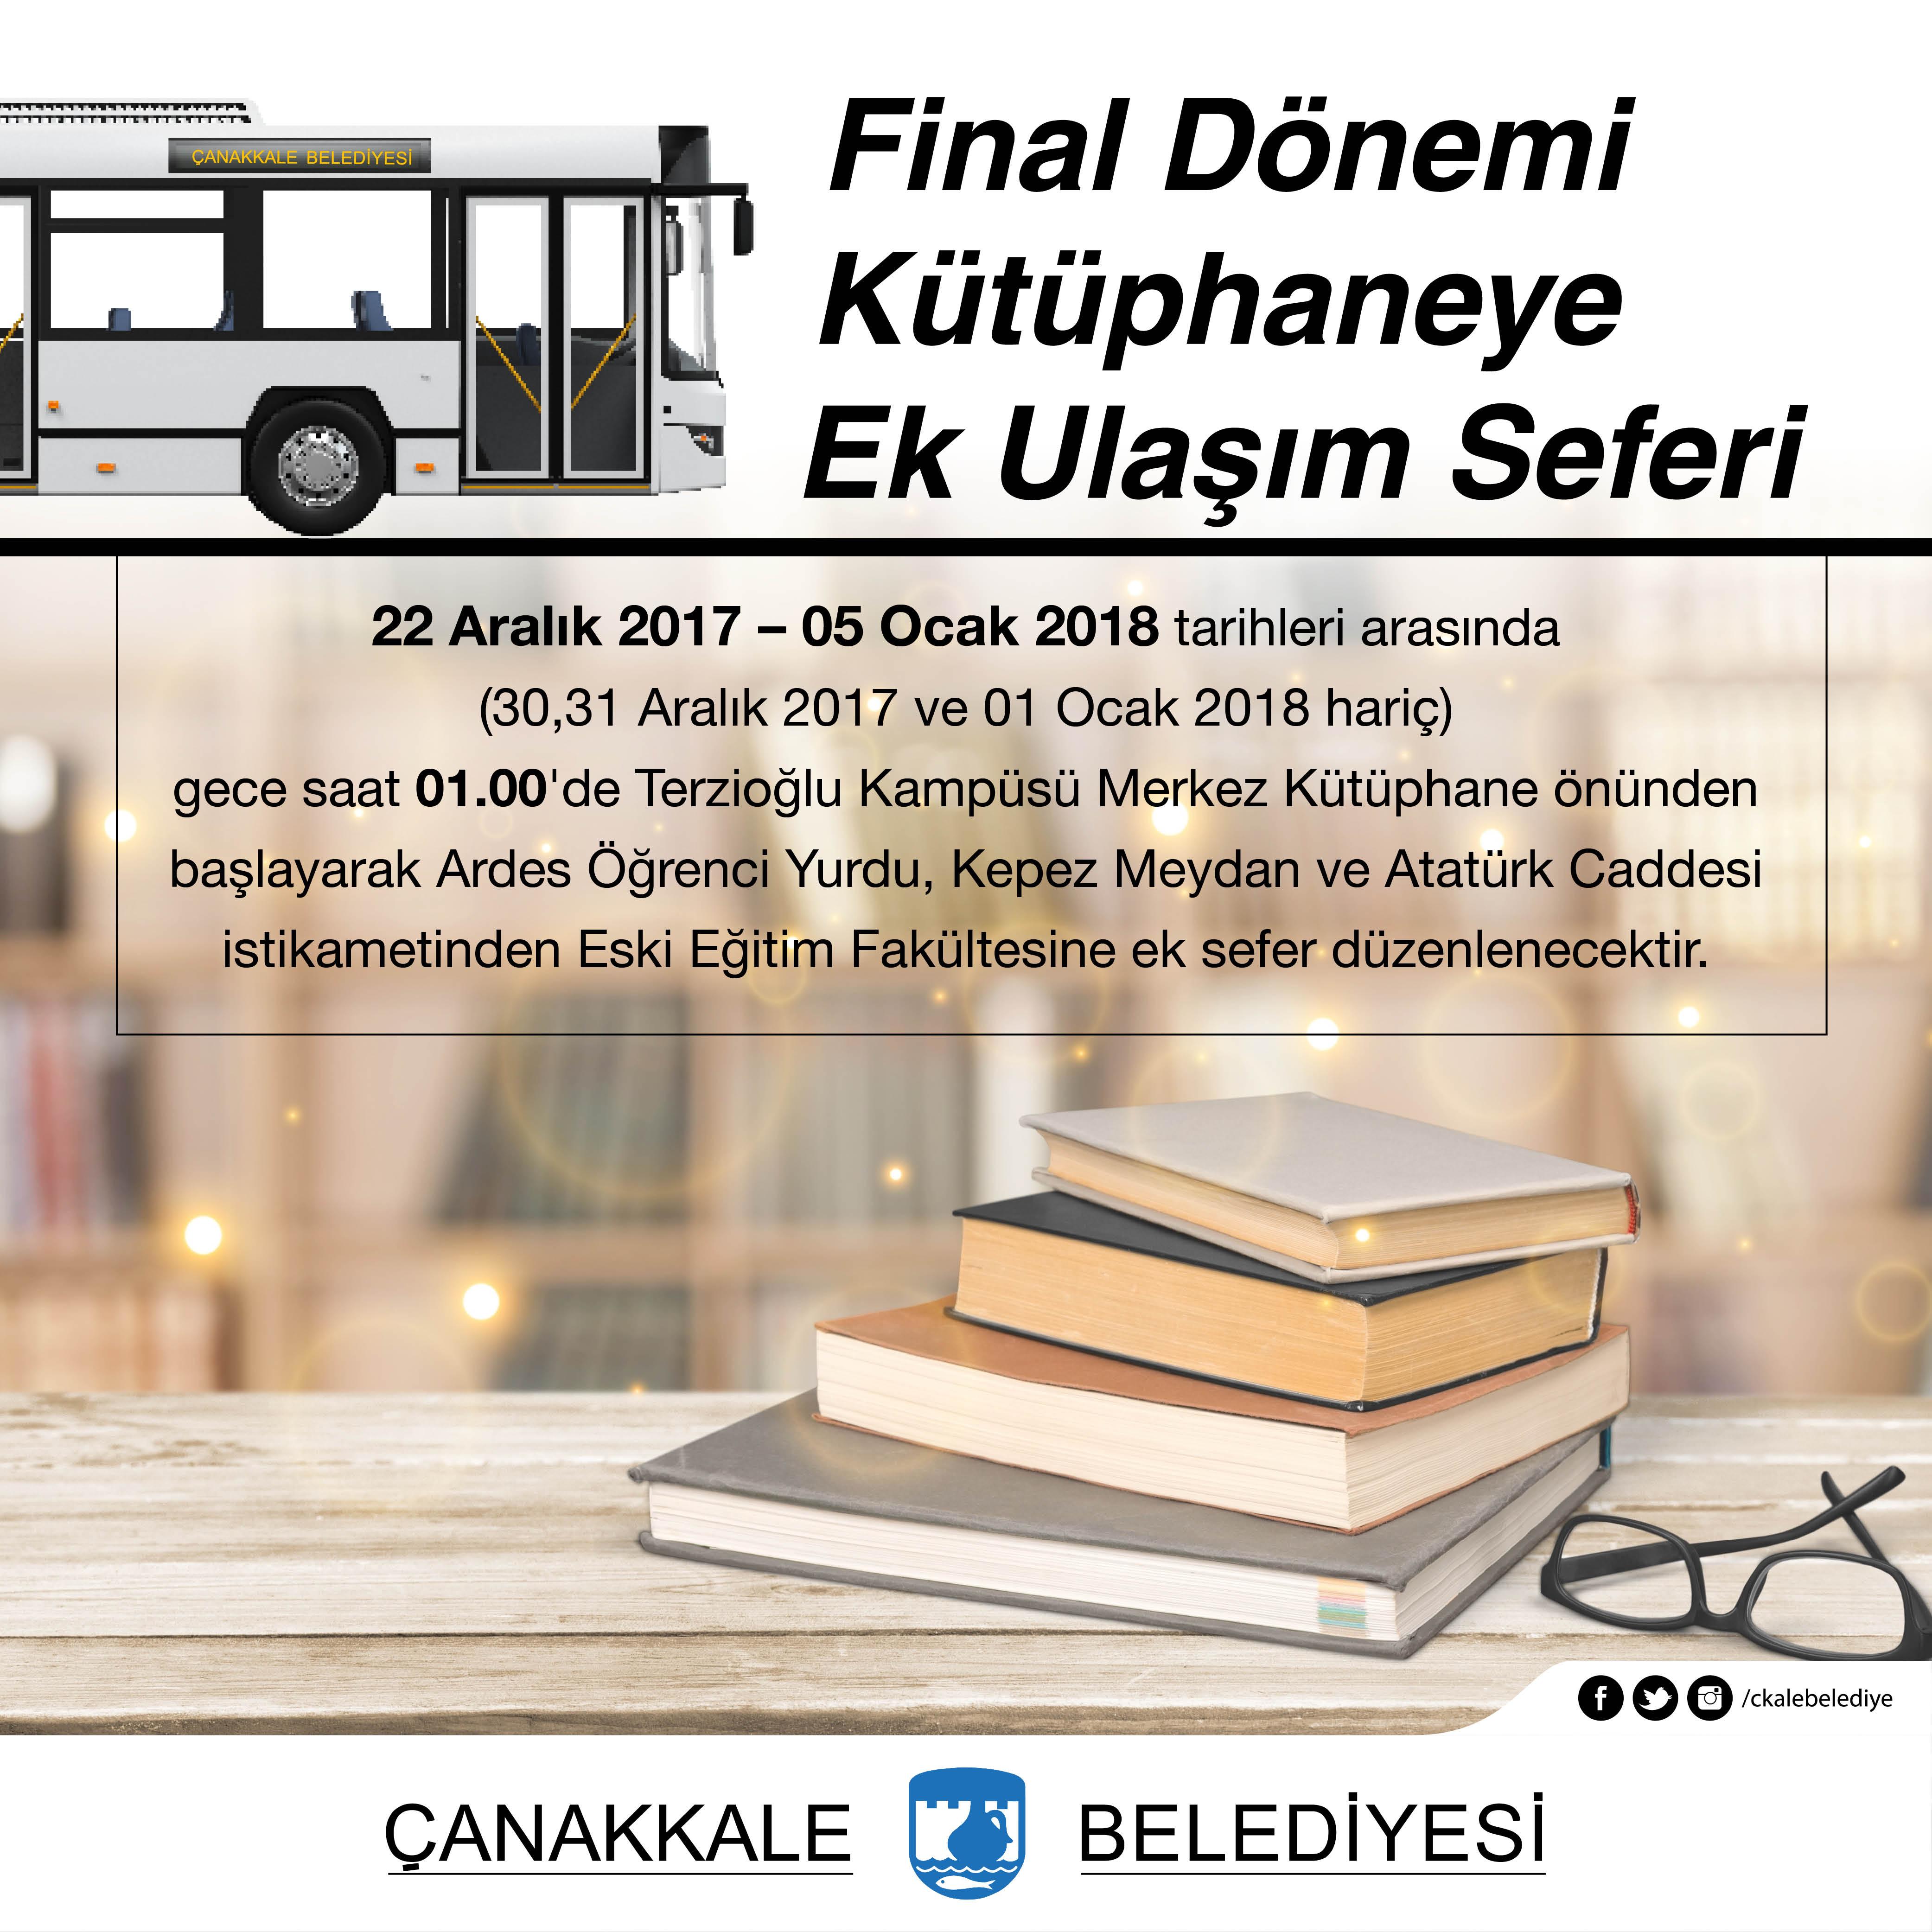 Final Dönemi Kütüphaneye Ek Ulaşım Seferi